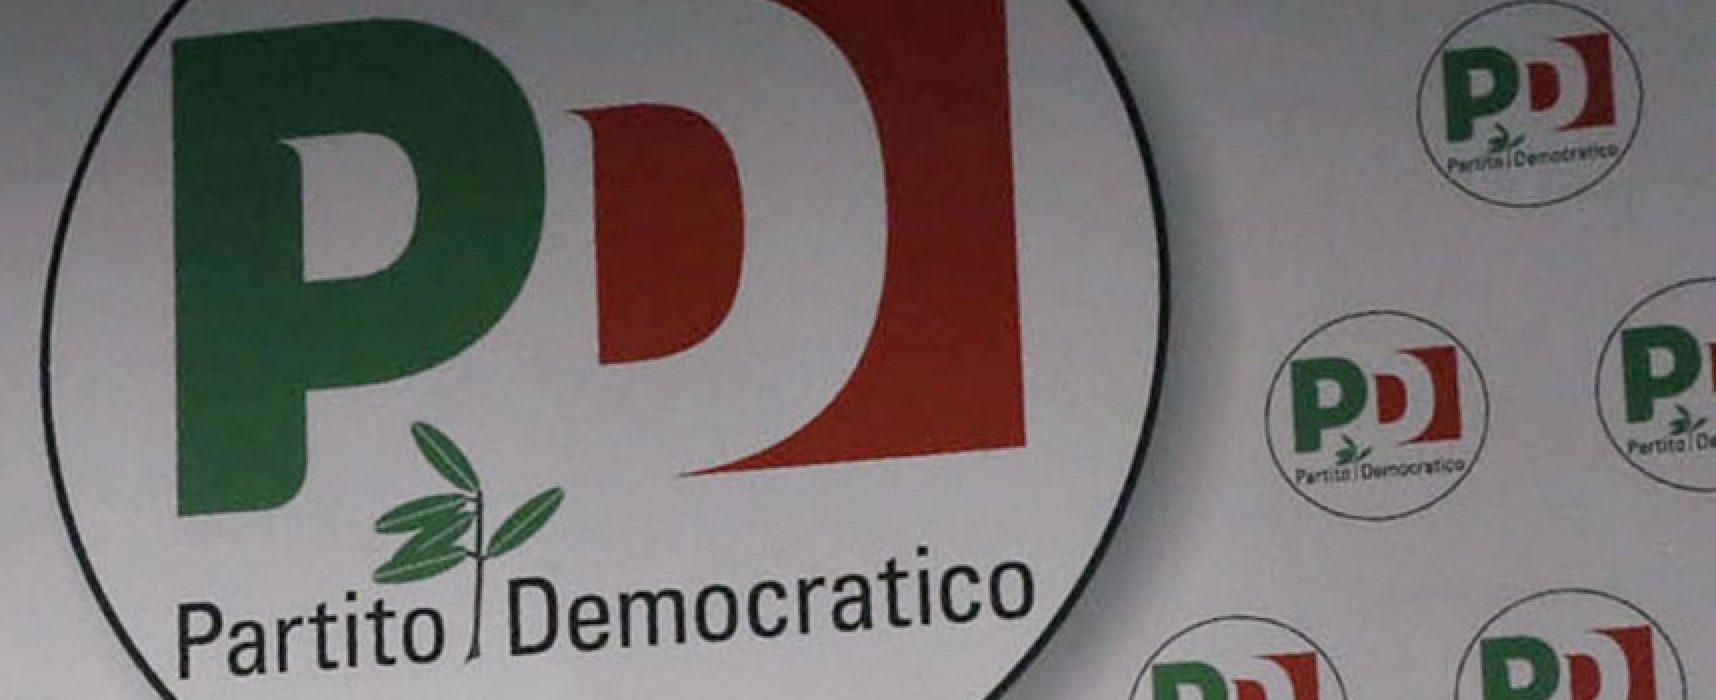 """Il Pd di Bisceglie cita Papa Francesco e lancia un appello contro i """"sovranismi"""""""